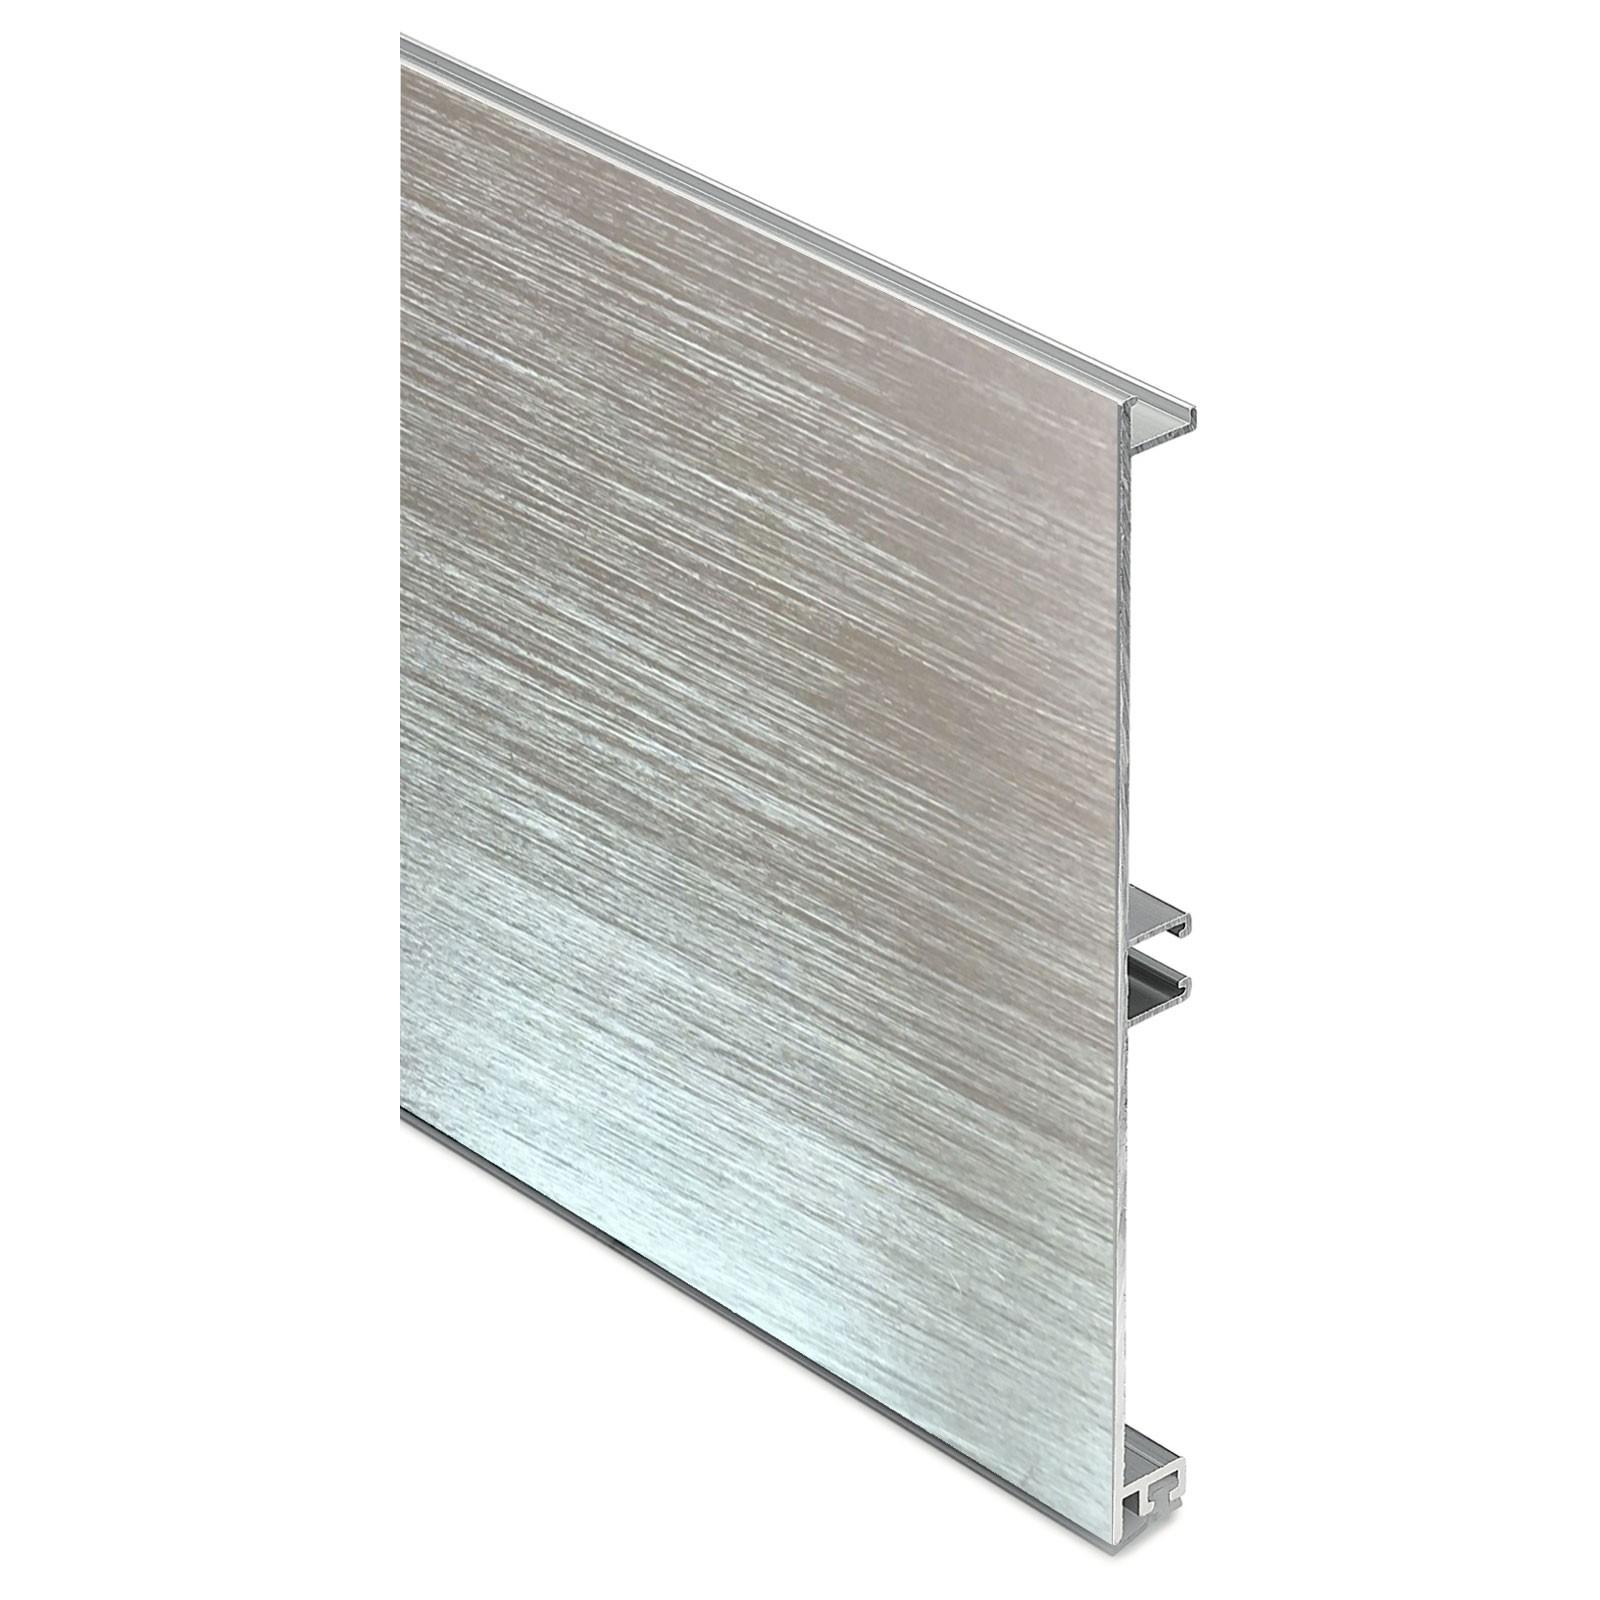 Zoccolo cucina in pvc riv carta h 15 cm su misura shop centroservice - Zoccolo cucina altezza ...